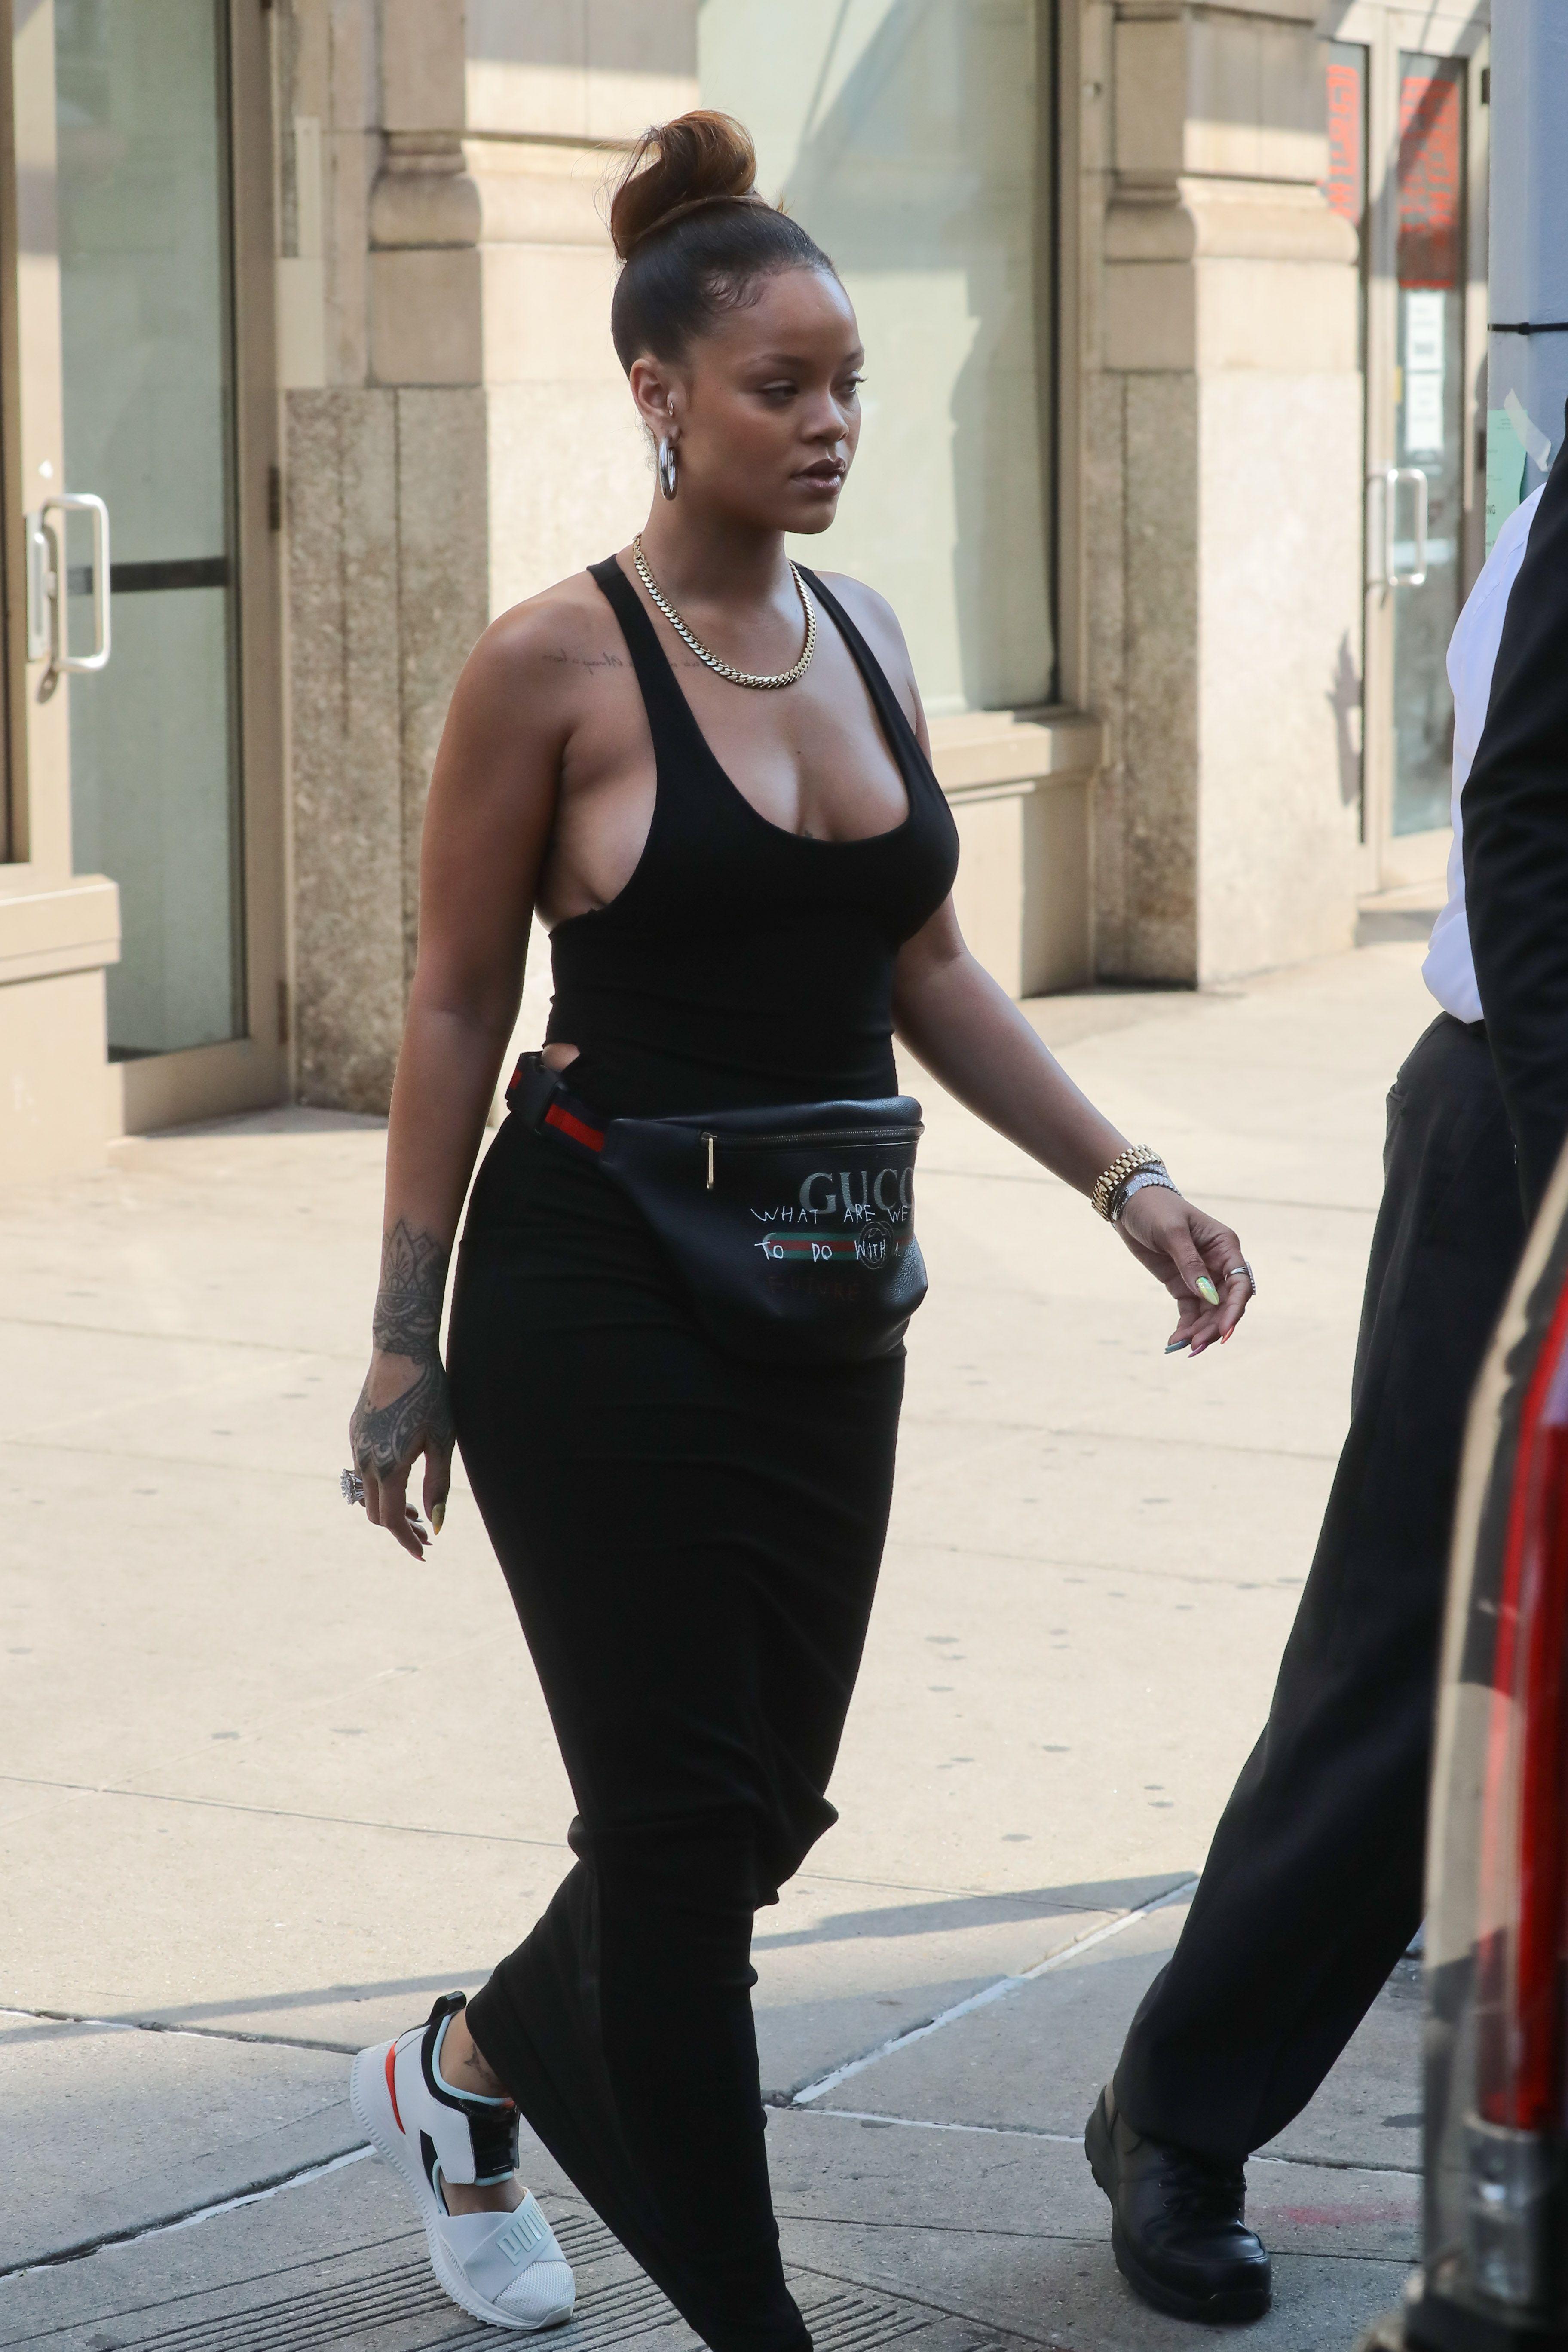 Rihanna-Braless-29-thefappeningblog.com_.jpg